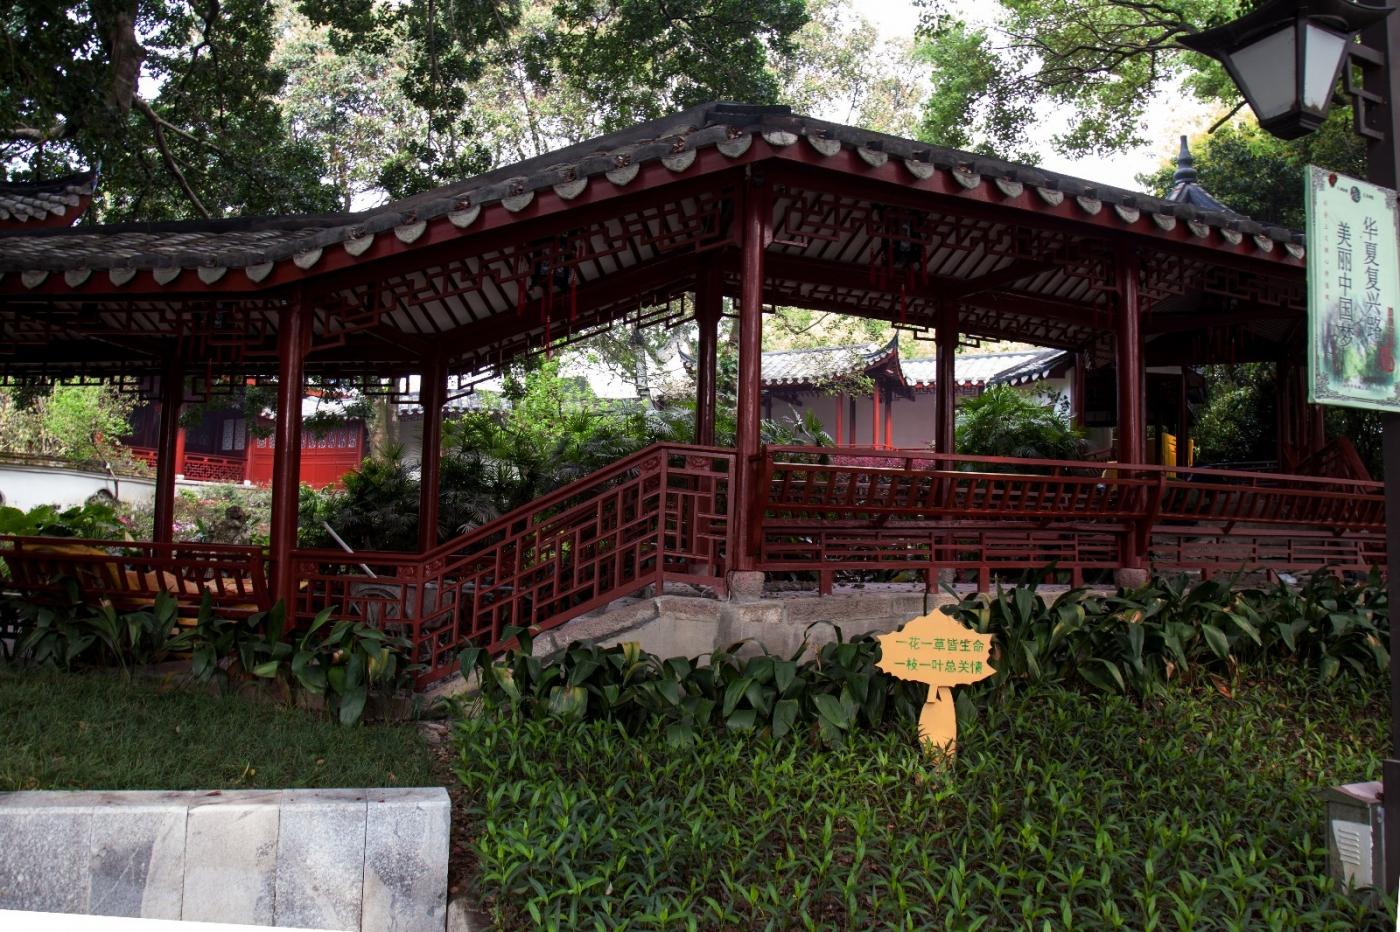 福州西湖公园,美景如画,赏心悦目,流连忘返_图1-12